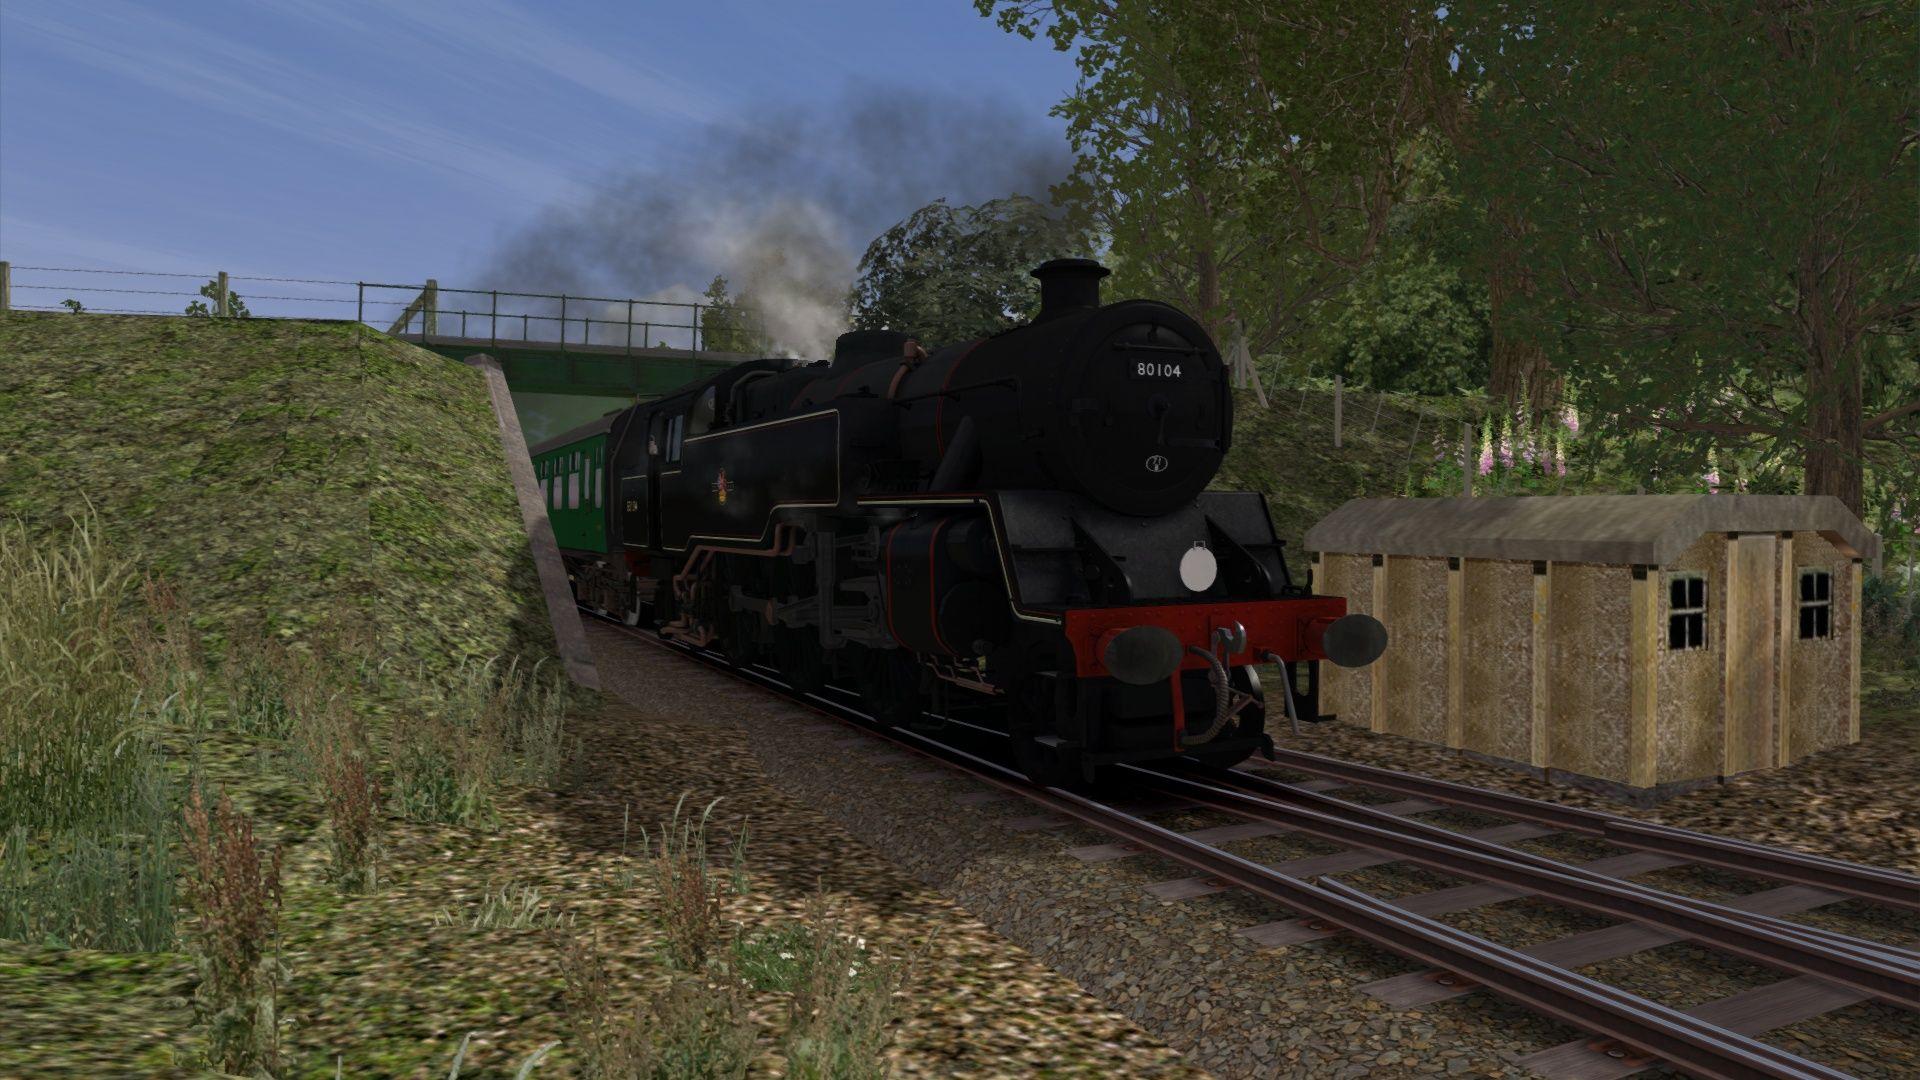 Screenshot_Swanage Railway_50.64433--2.06119_16-23-51